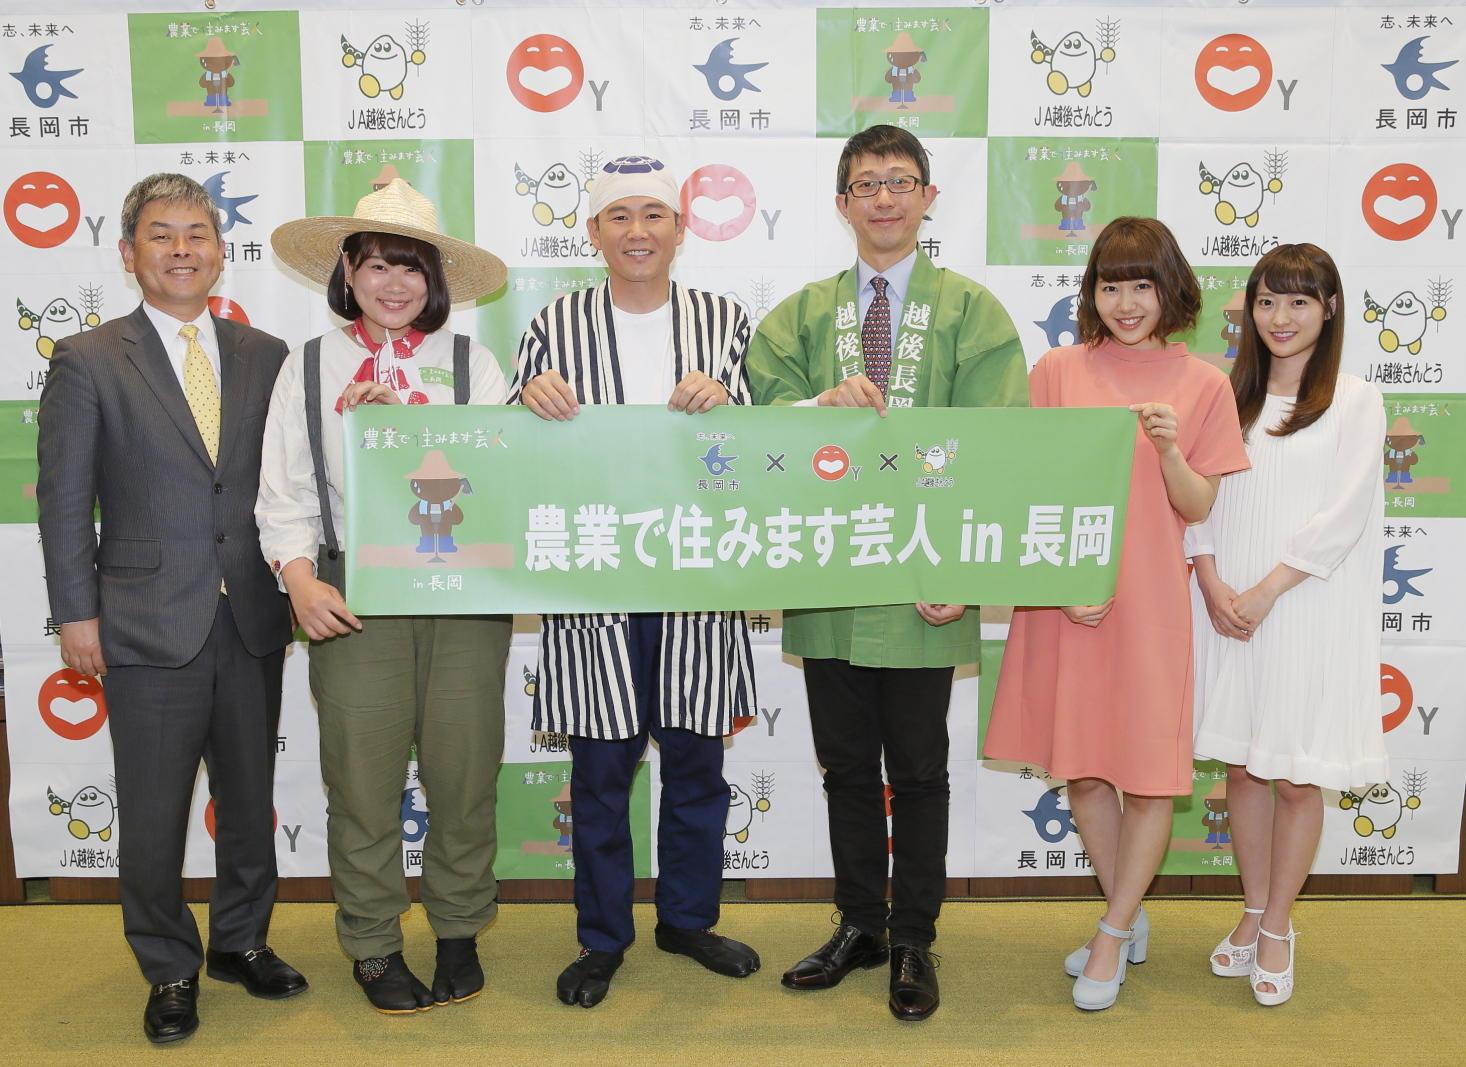 http://news.yoshimoto.co.jp/20160429191111-c29dff5627cc79fddaec5a17889befd1663a168b.jpg